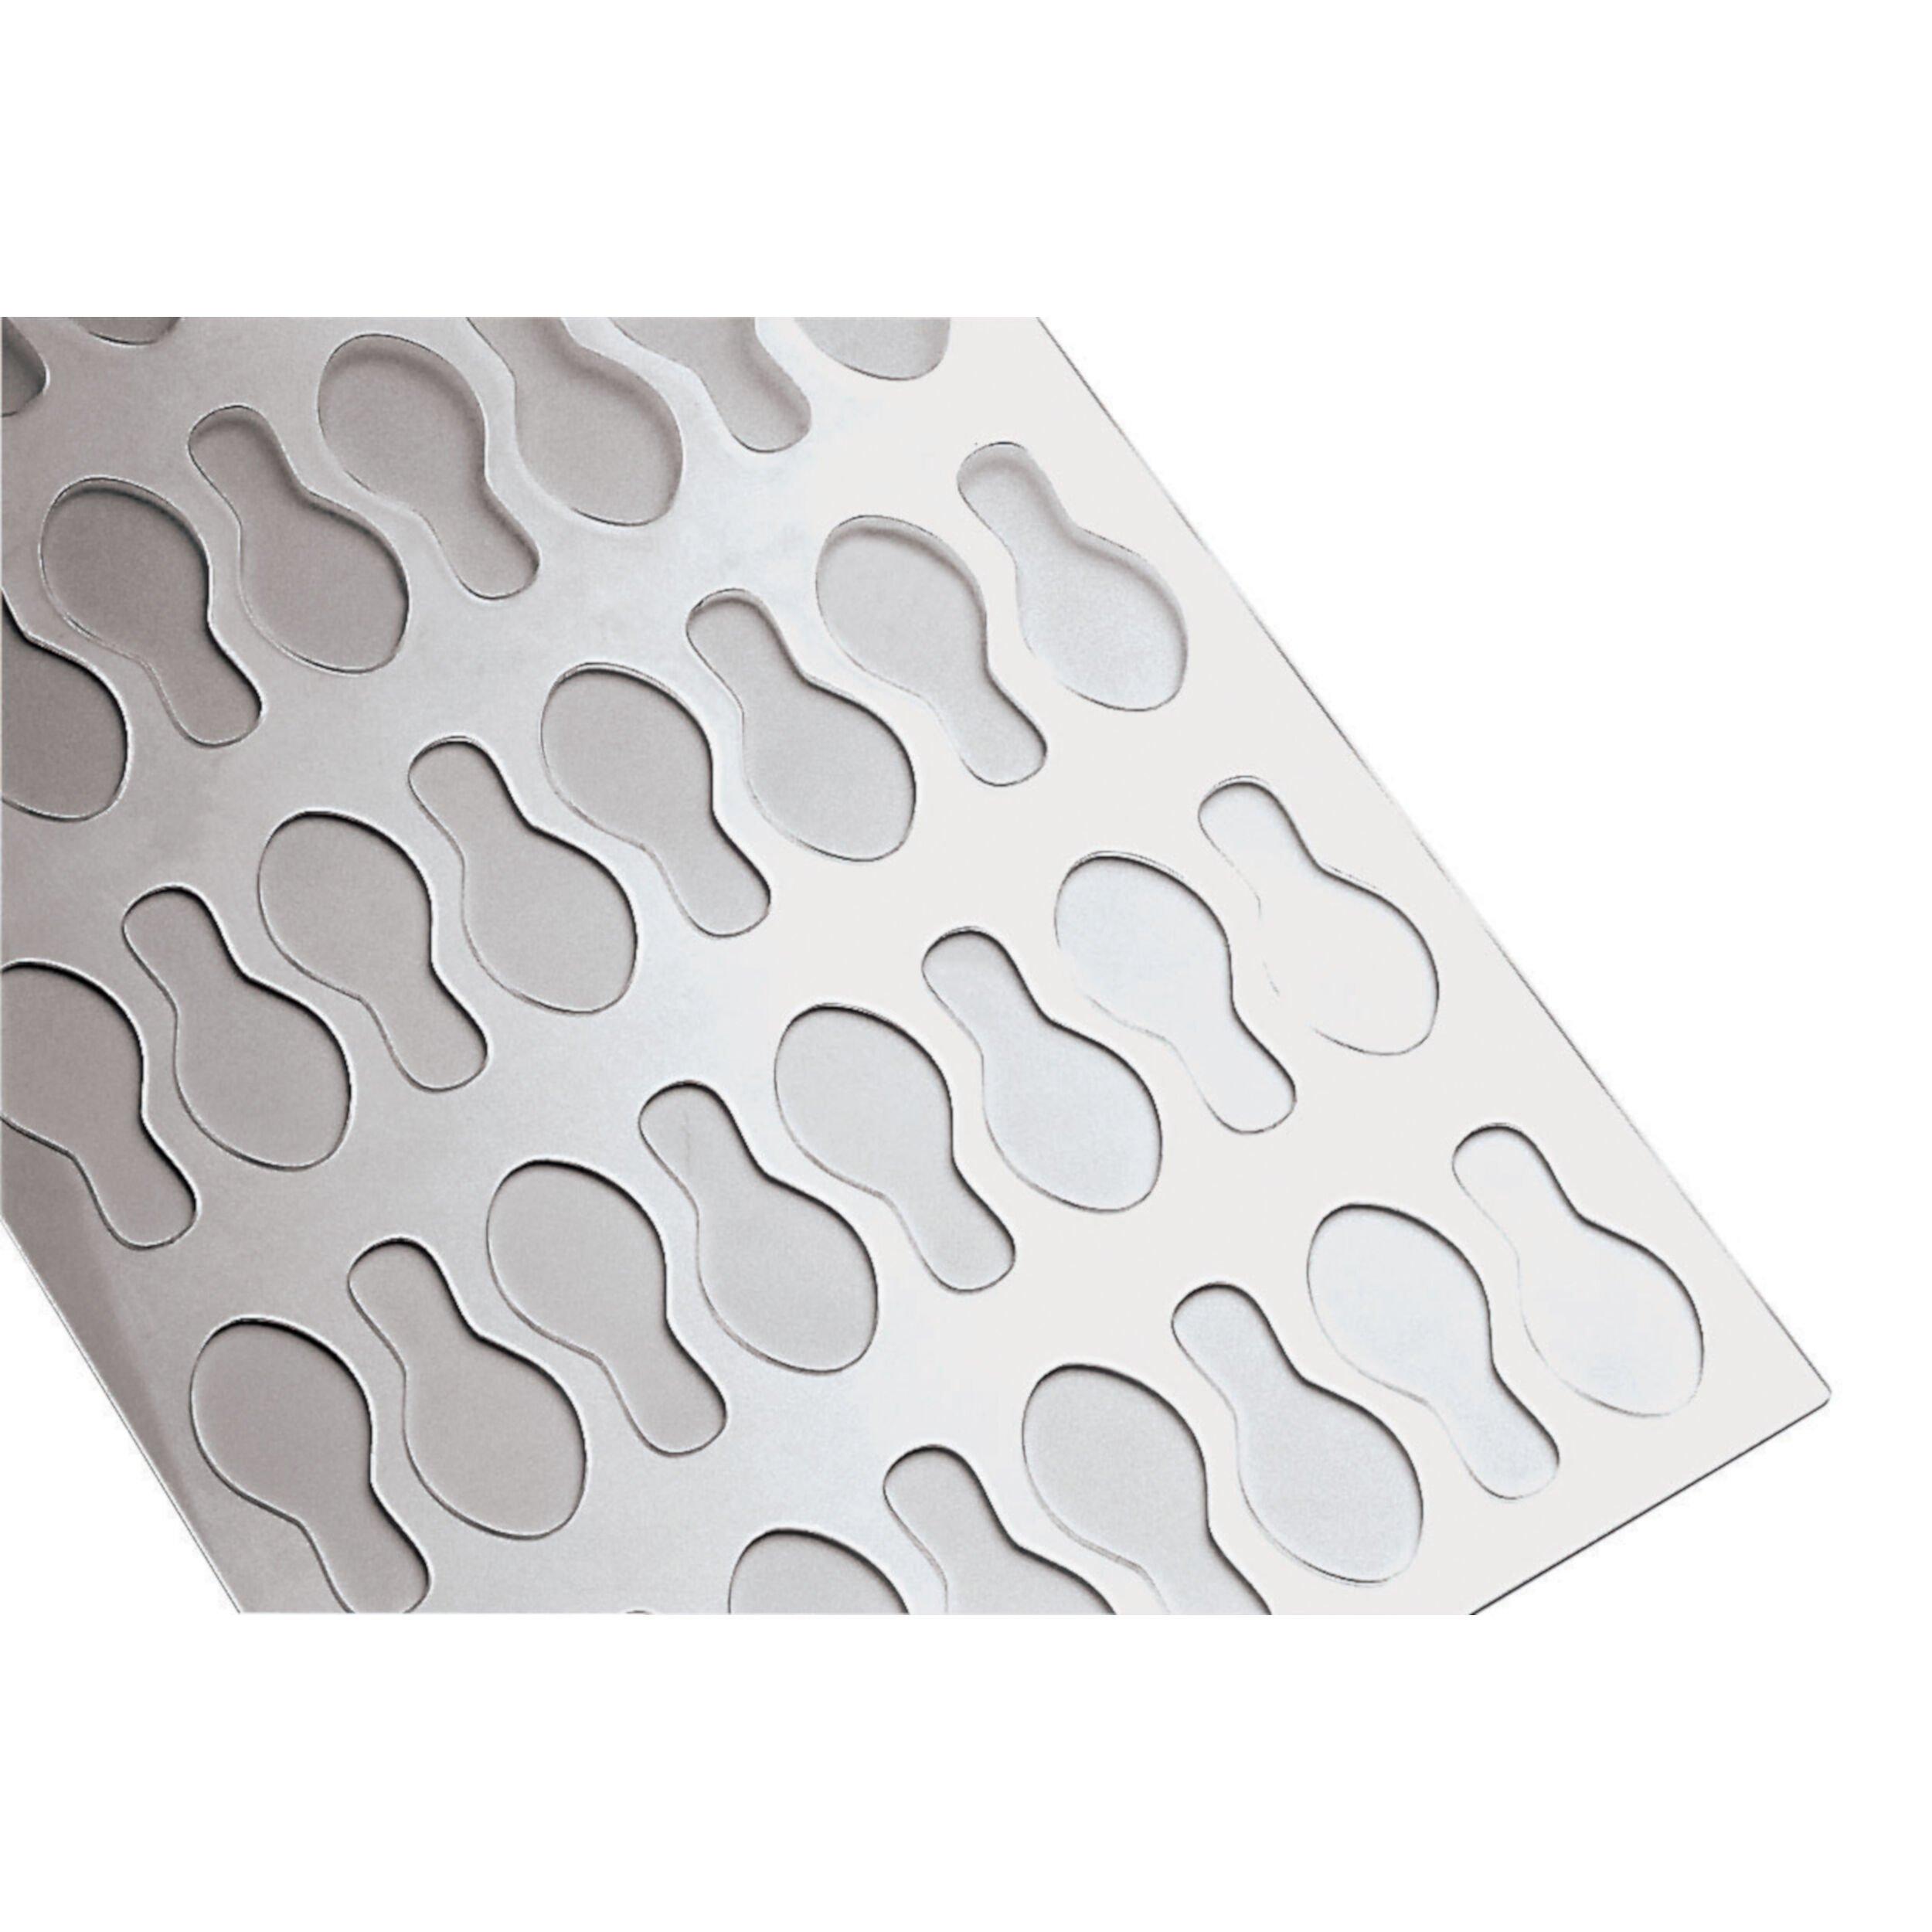 Stencil Per Cucina Creativa Plastica, peso 0,22 kg | Paderno